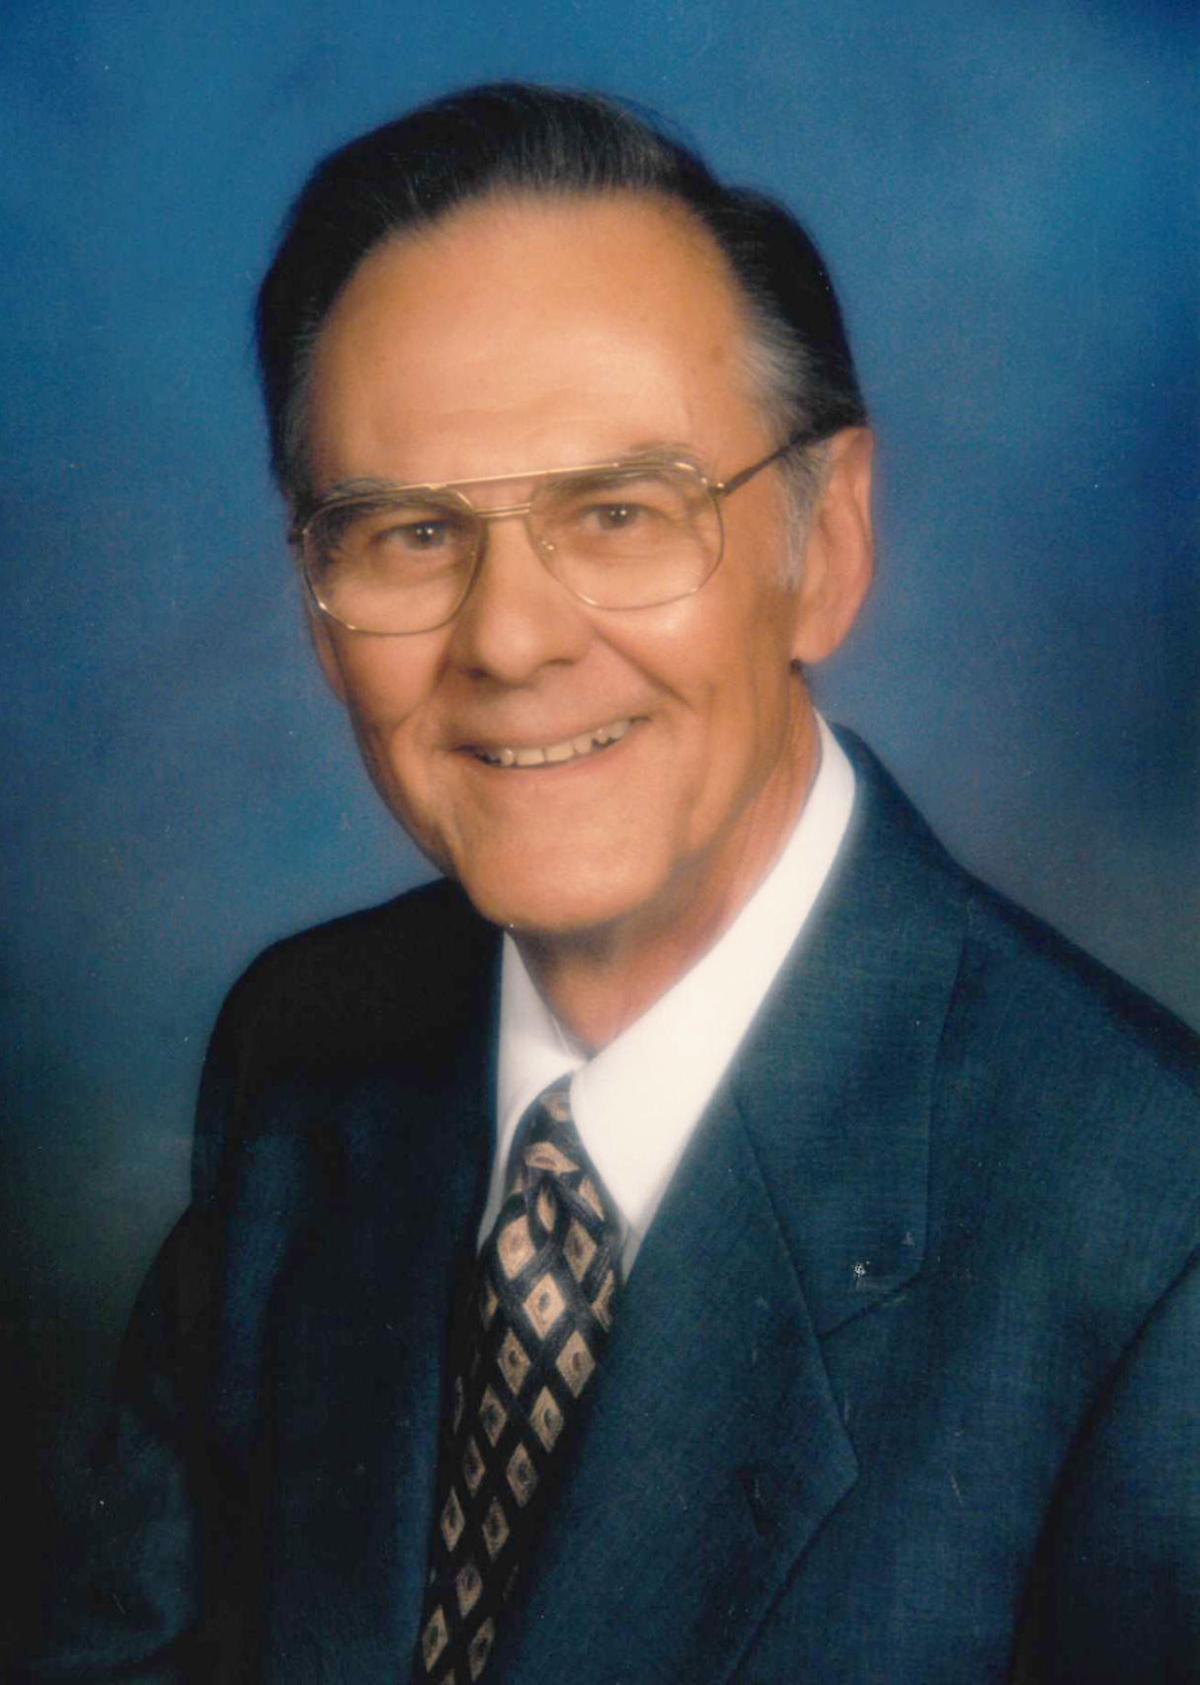 Walter Glazewski